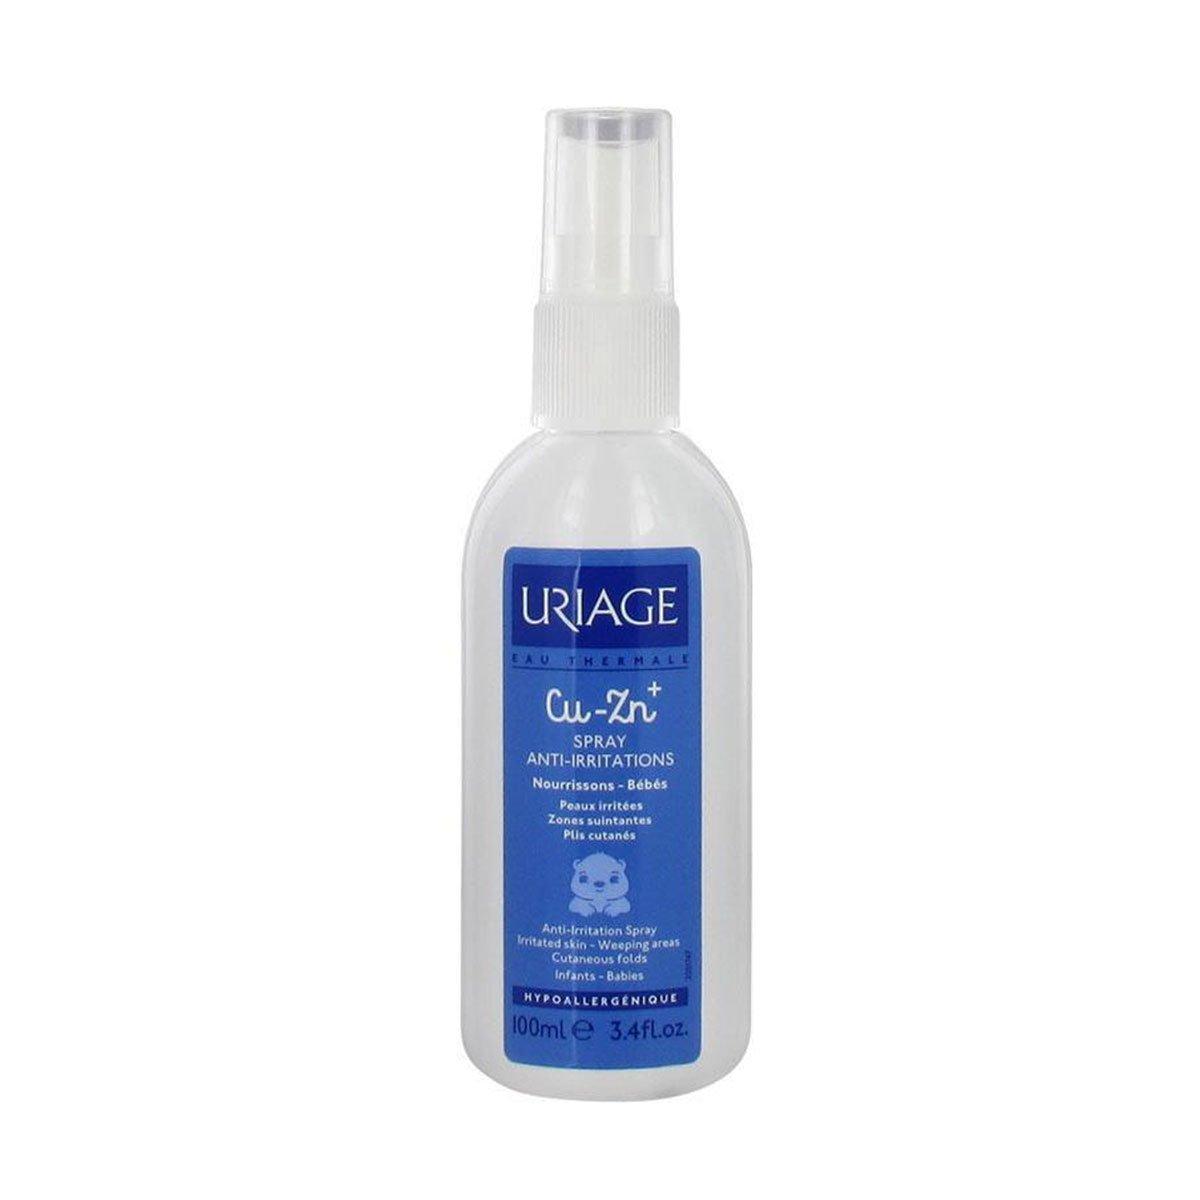 Uriage Bébé Cu-Zn+ Spray Anti-Irritations 100 ml URIURIU73001116